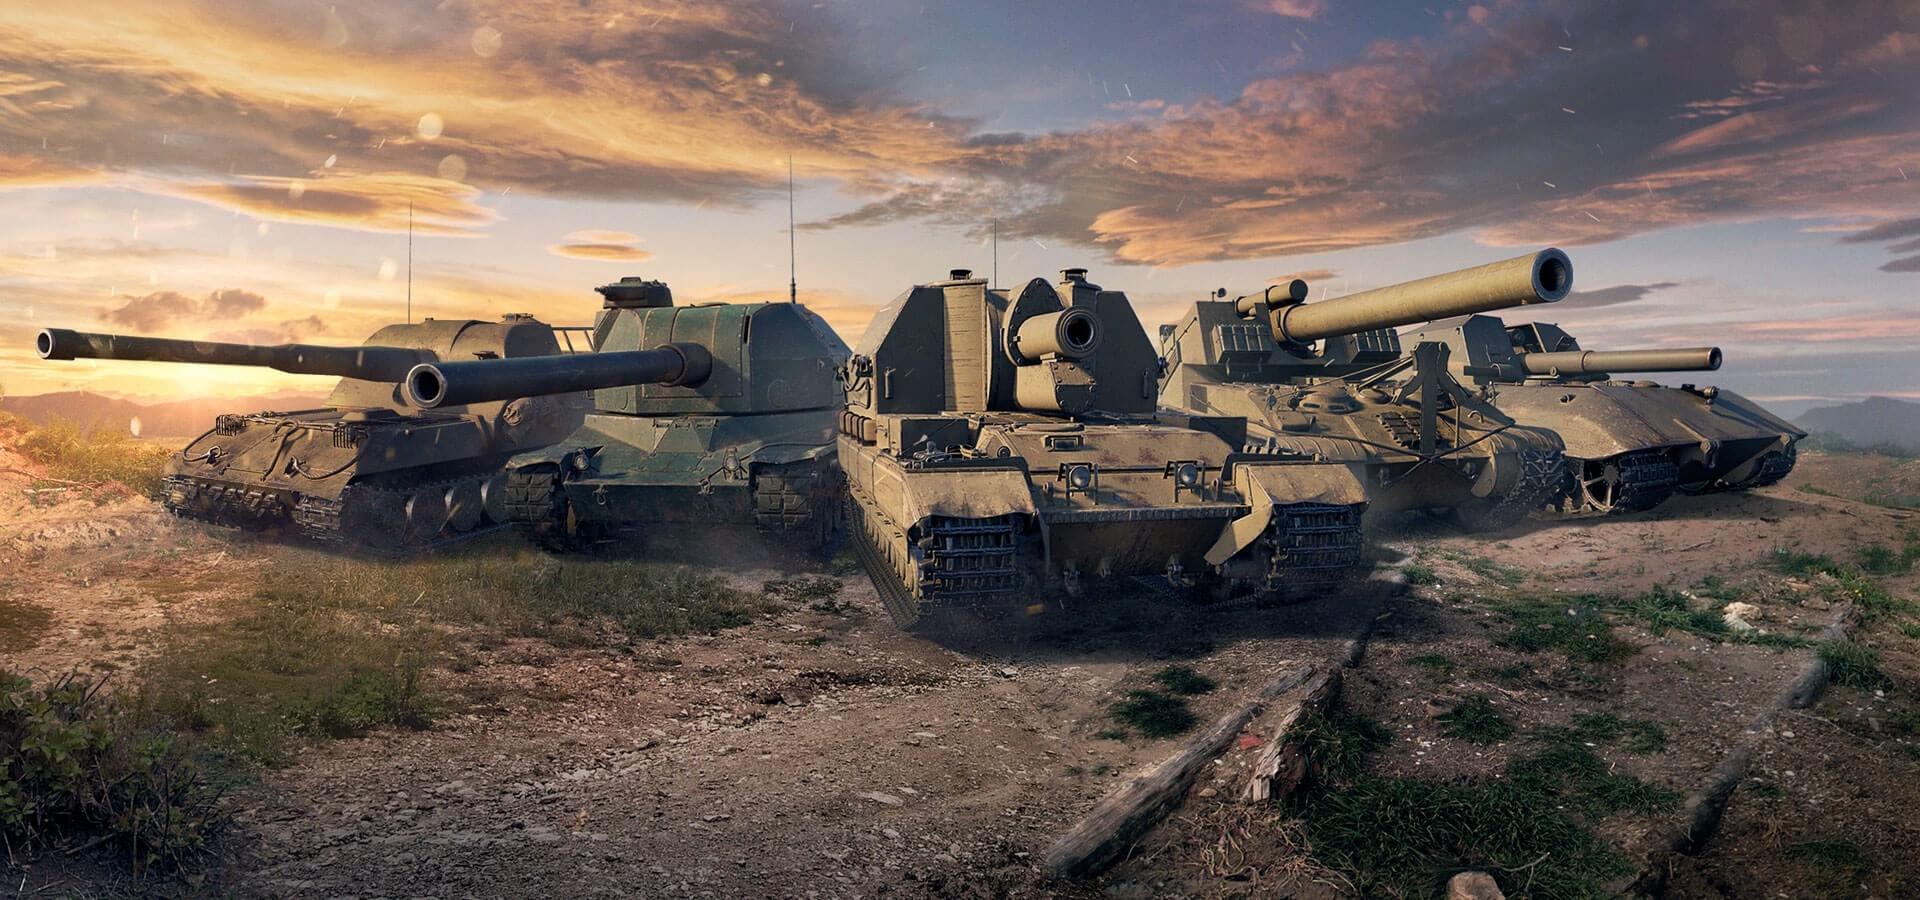 artillery arty